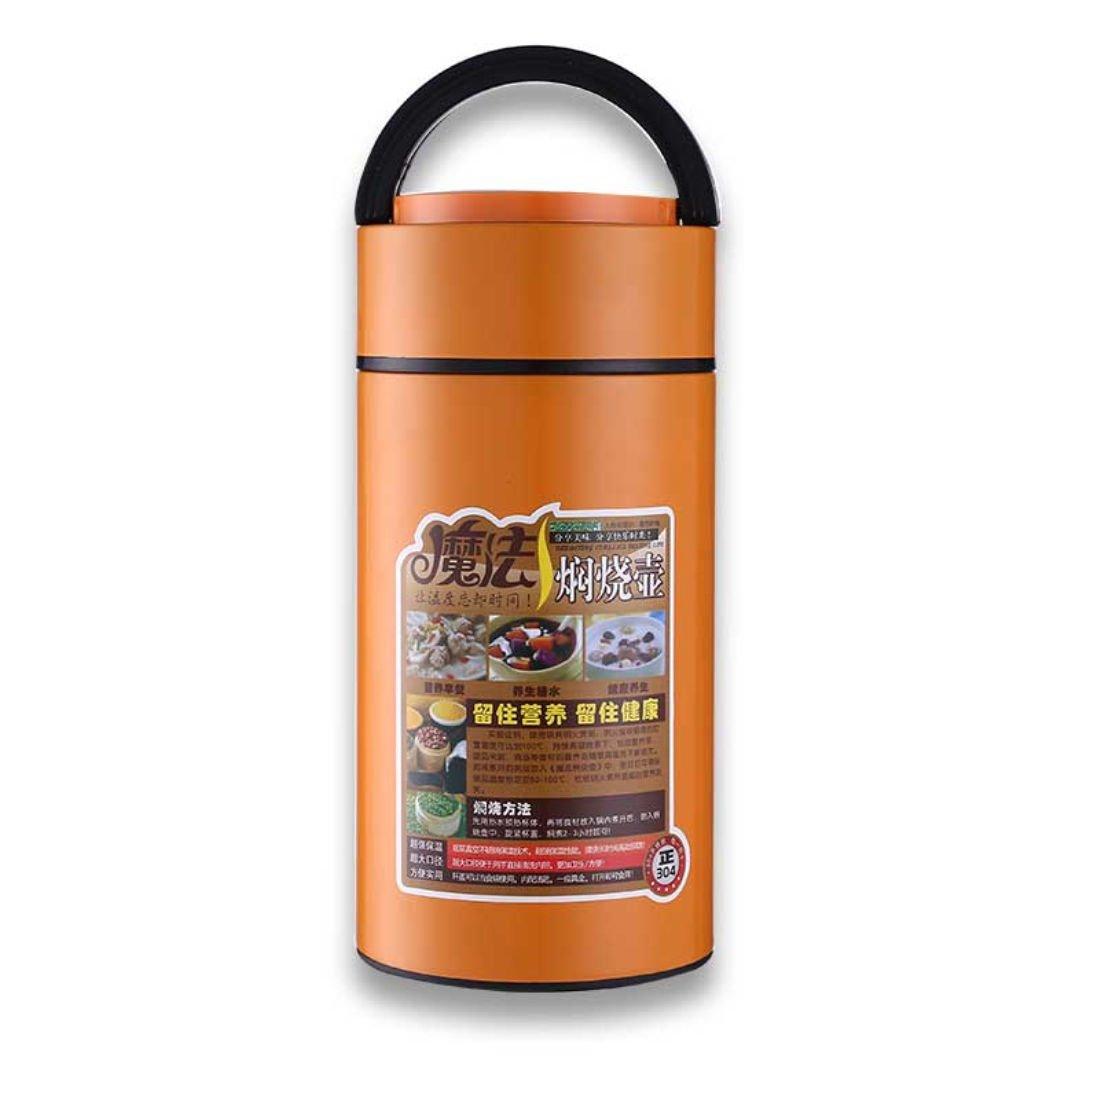 Thermosステンレスキング16 Ounce Food Jar with Folding Spoon ,ミッドナイト 1000ml オレンジ  オレンジ B077L7TP2X